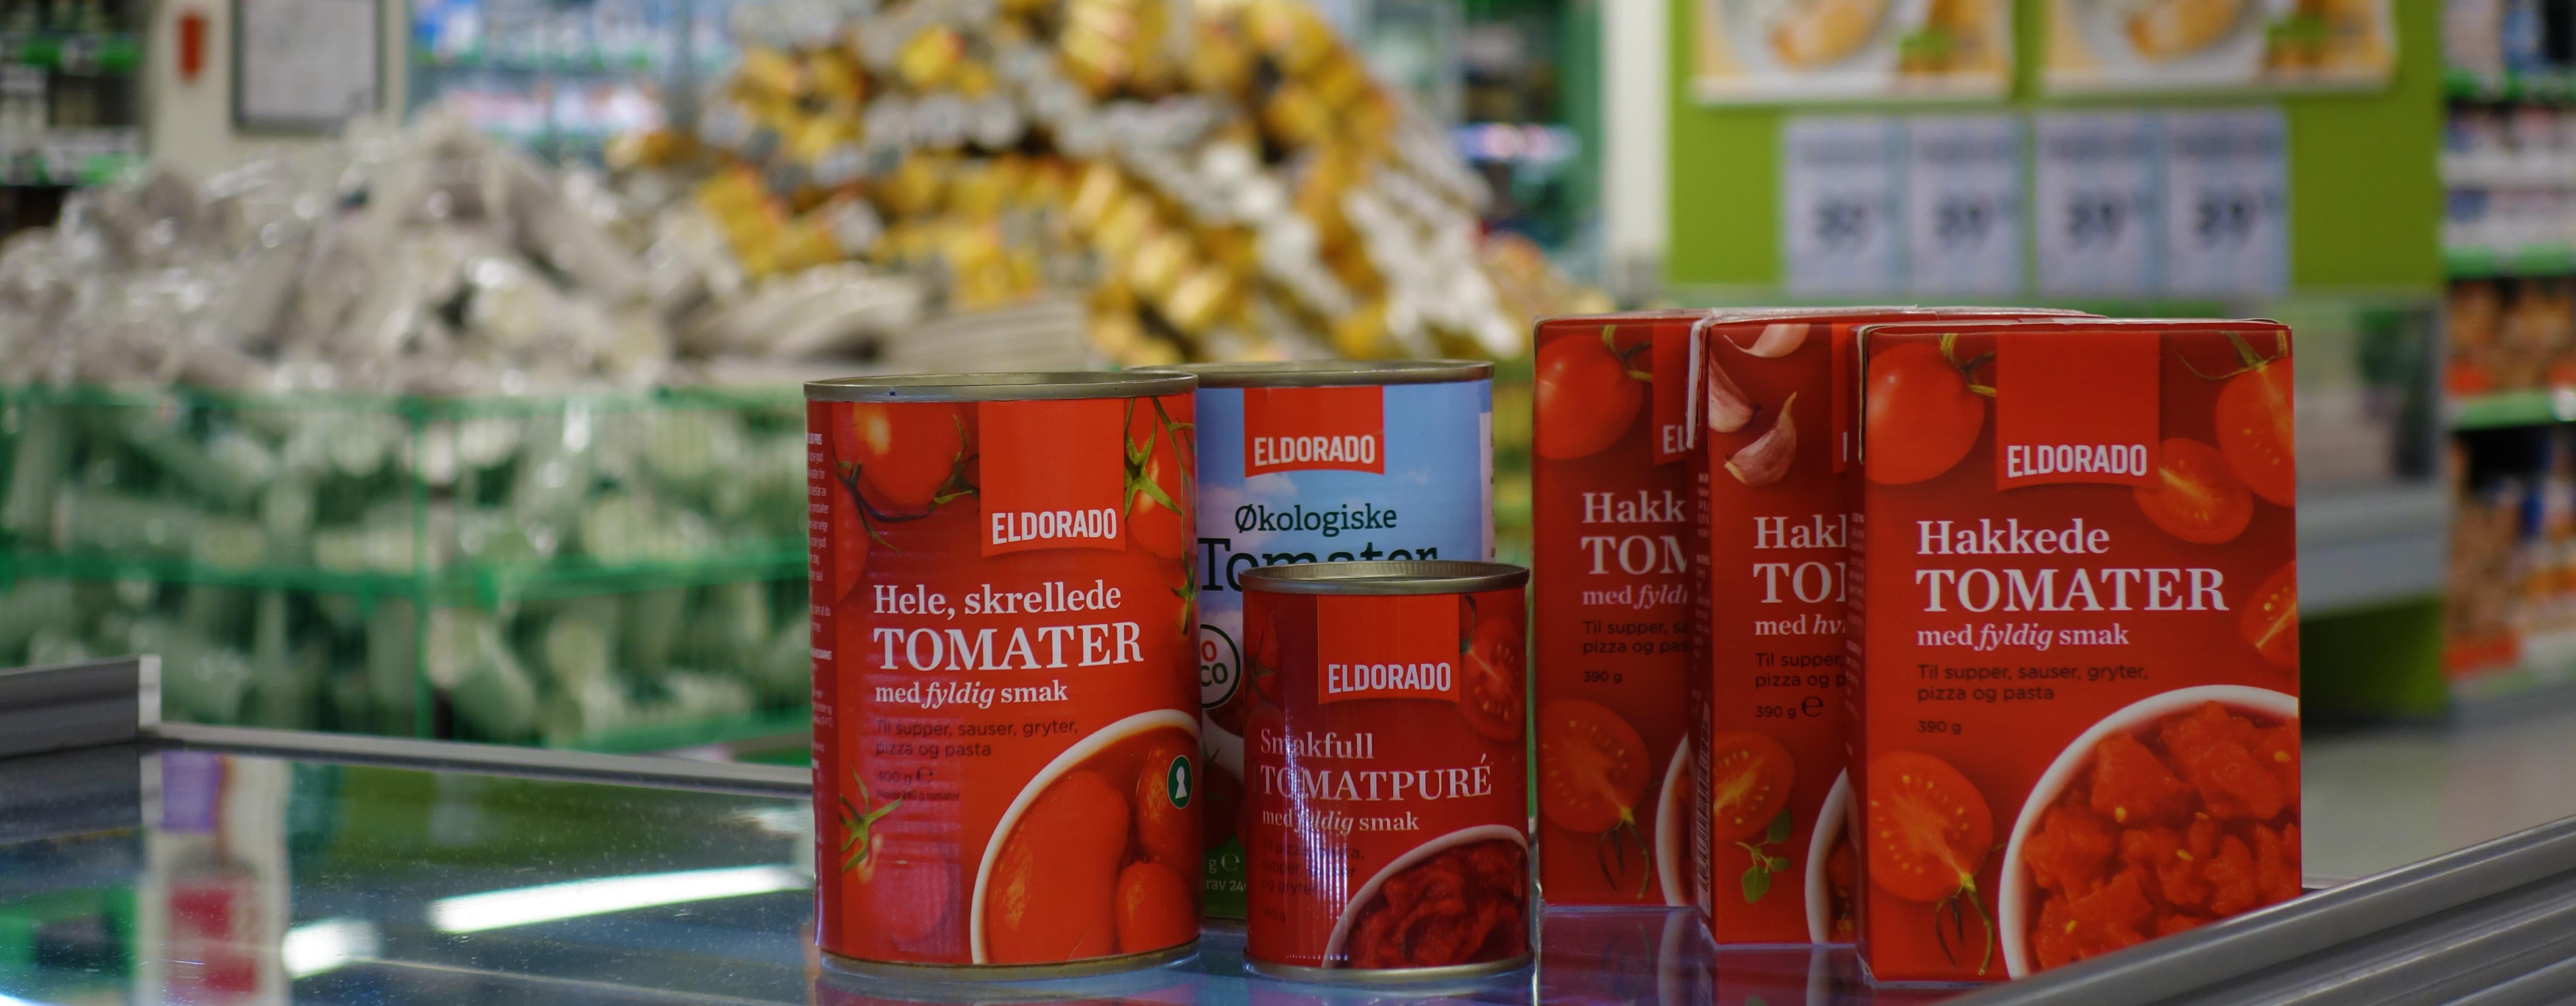 Hakkede tomater er allerede i papp, snart følger andre produkter fra Eldorado etter.